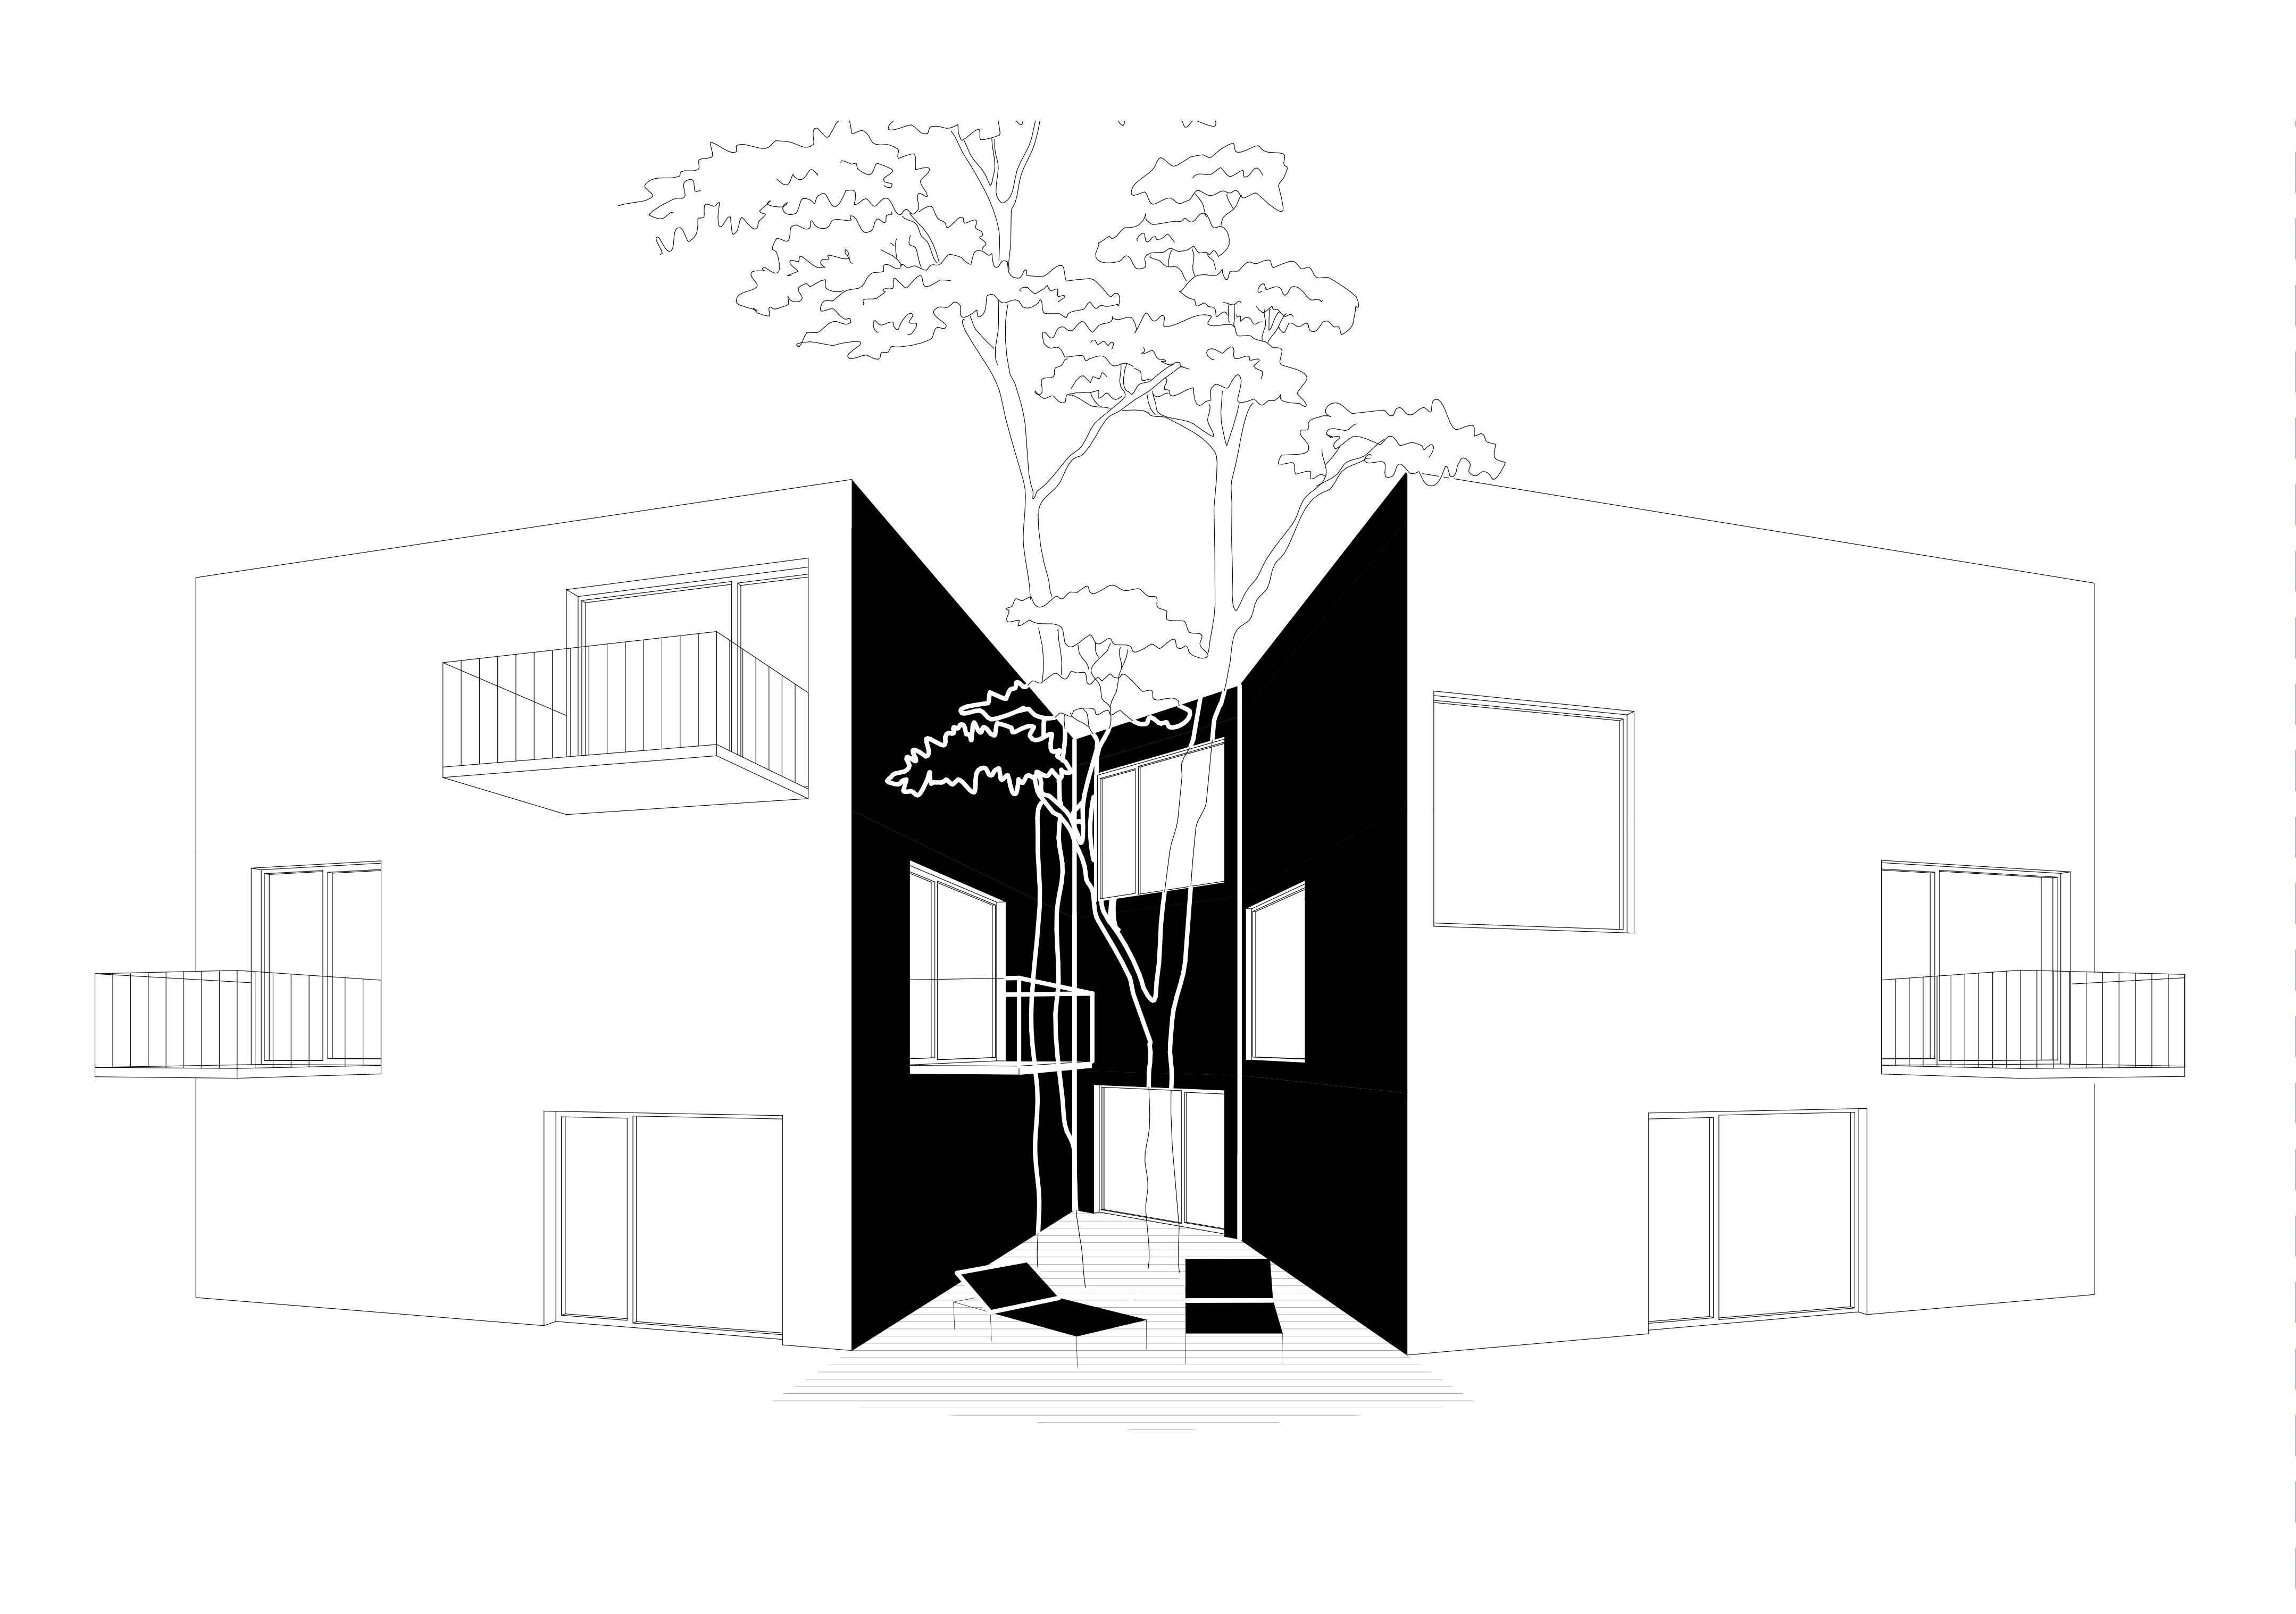 skvira